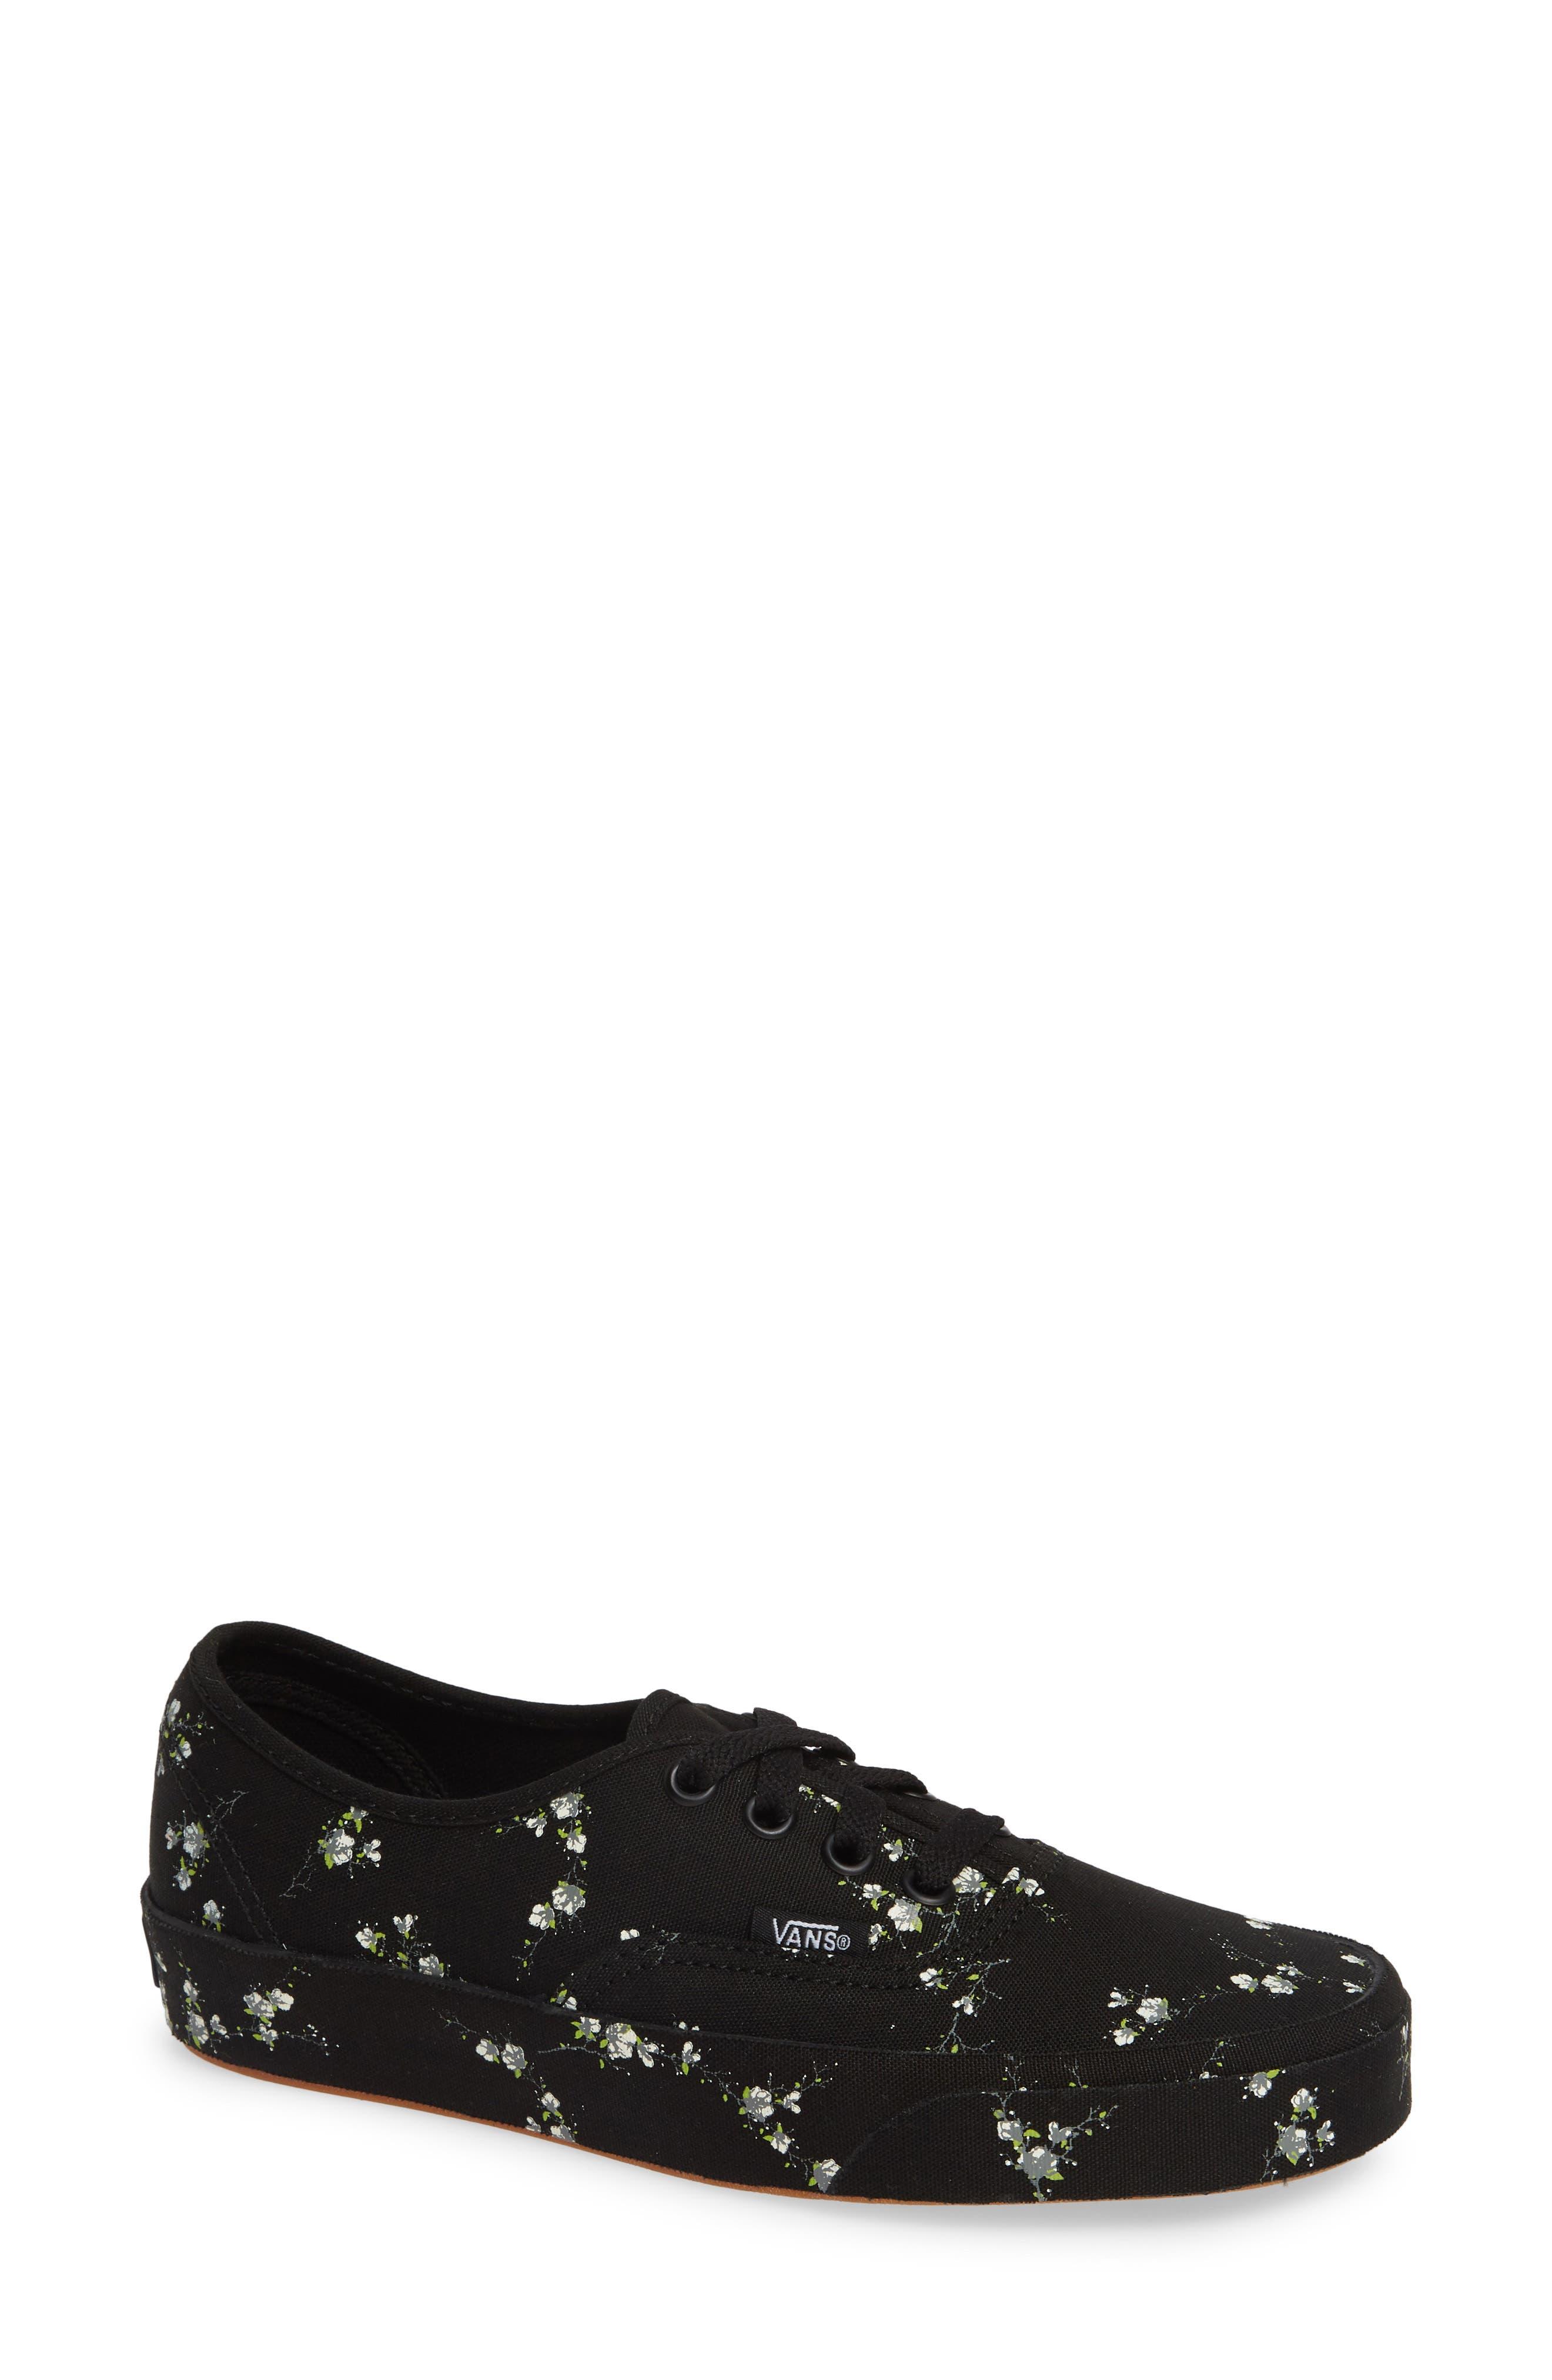 edc8f1d3e3 Vans Authentic Floral Sneaker- Black